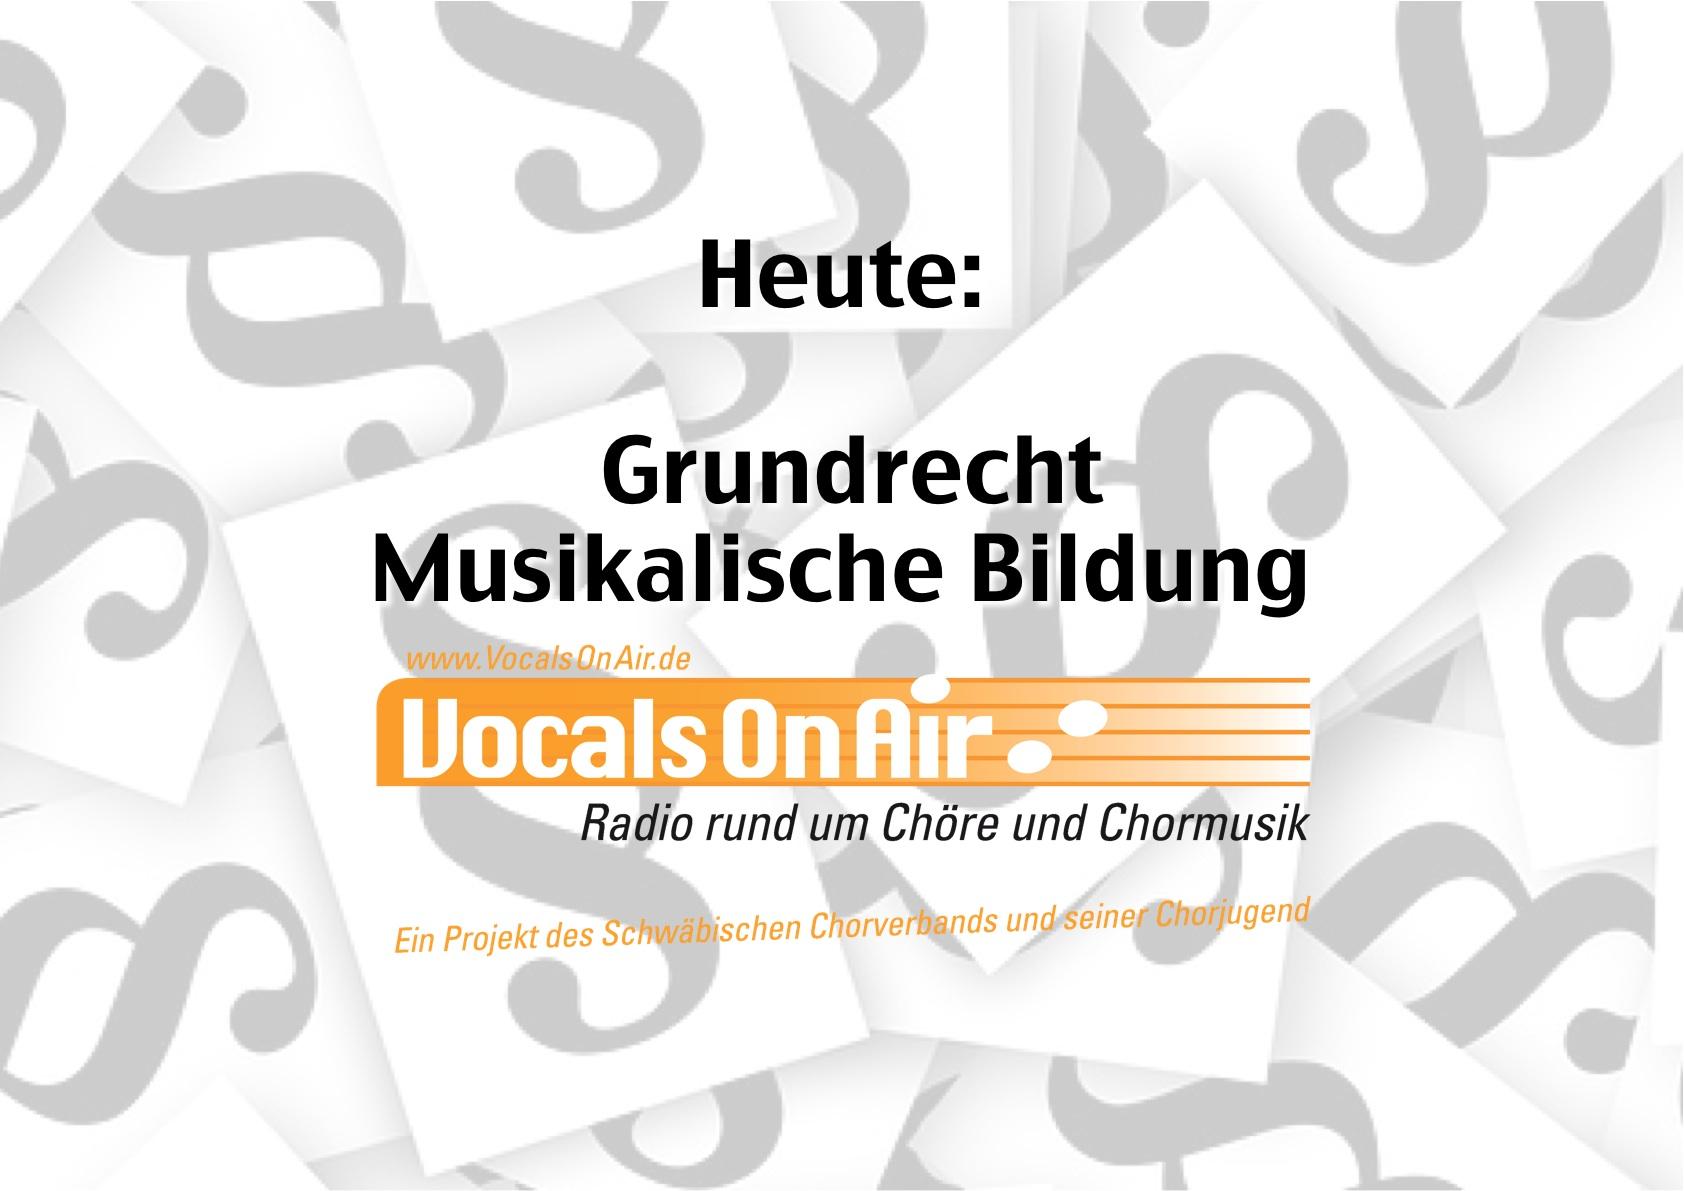 Vocals on Air beschäftigt sich mit dem Grundrecht musikalischer Bildung